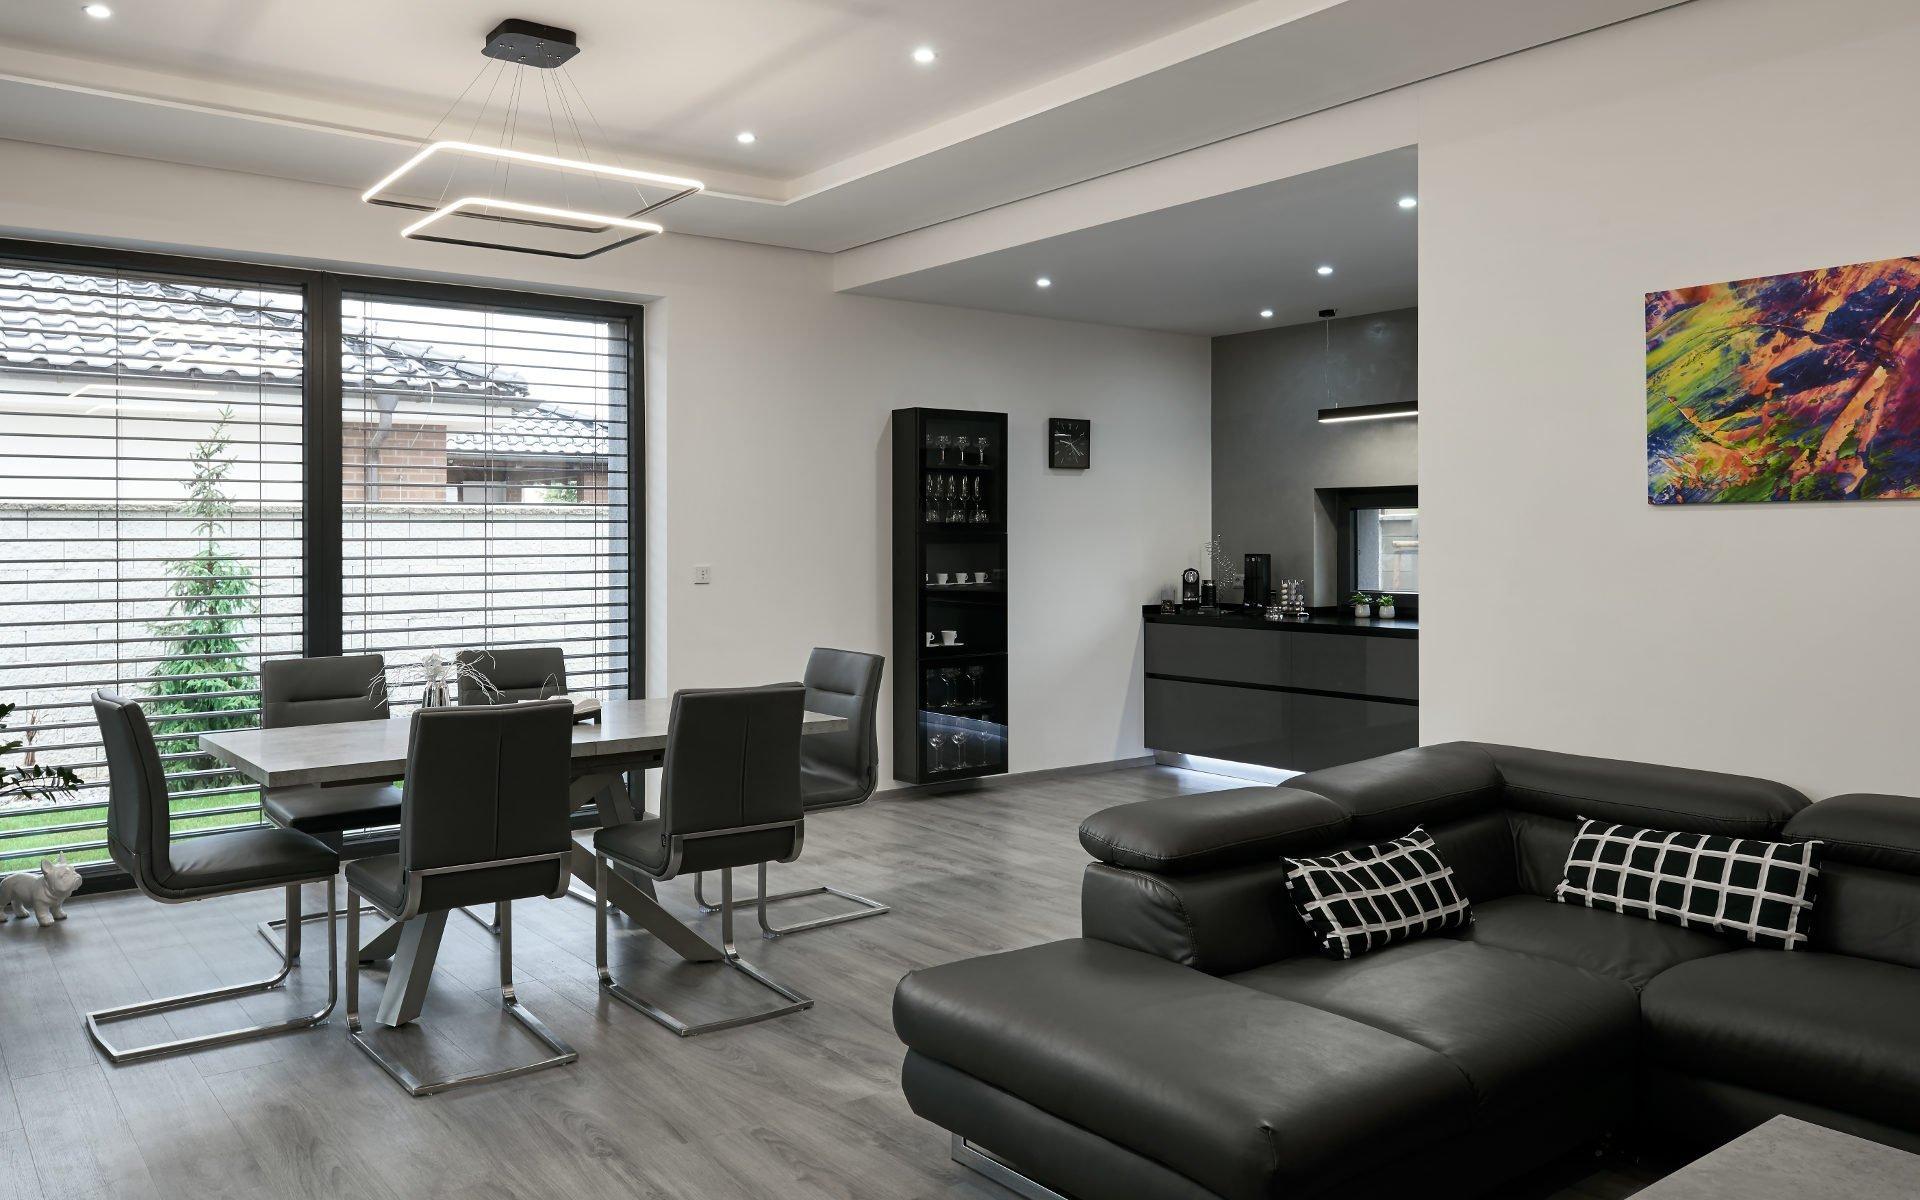 Osobitý interiér, kterému vládnou barvy šedi. Šedé odstíny zde převládají nejen na nábytku, ale i na výmalbě nebo podlahách.